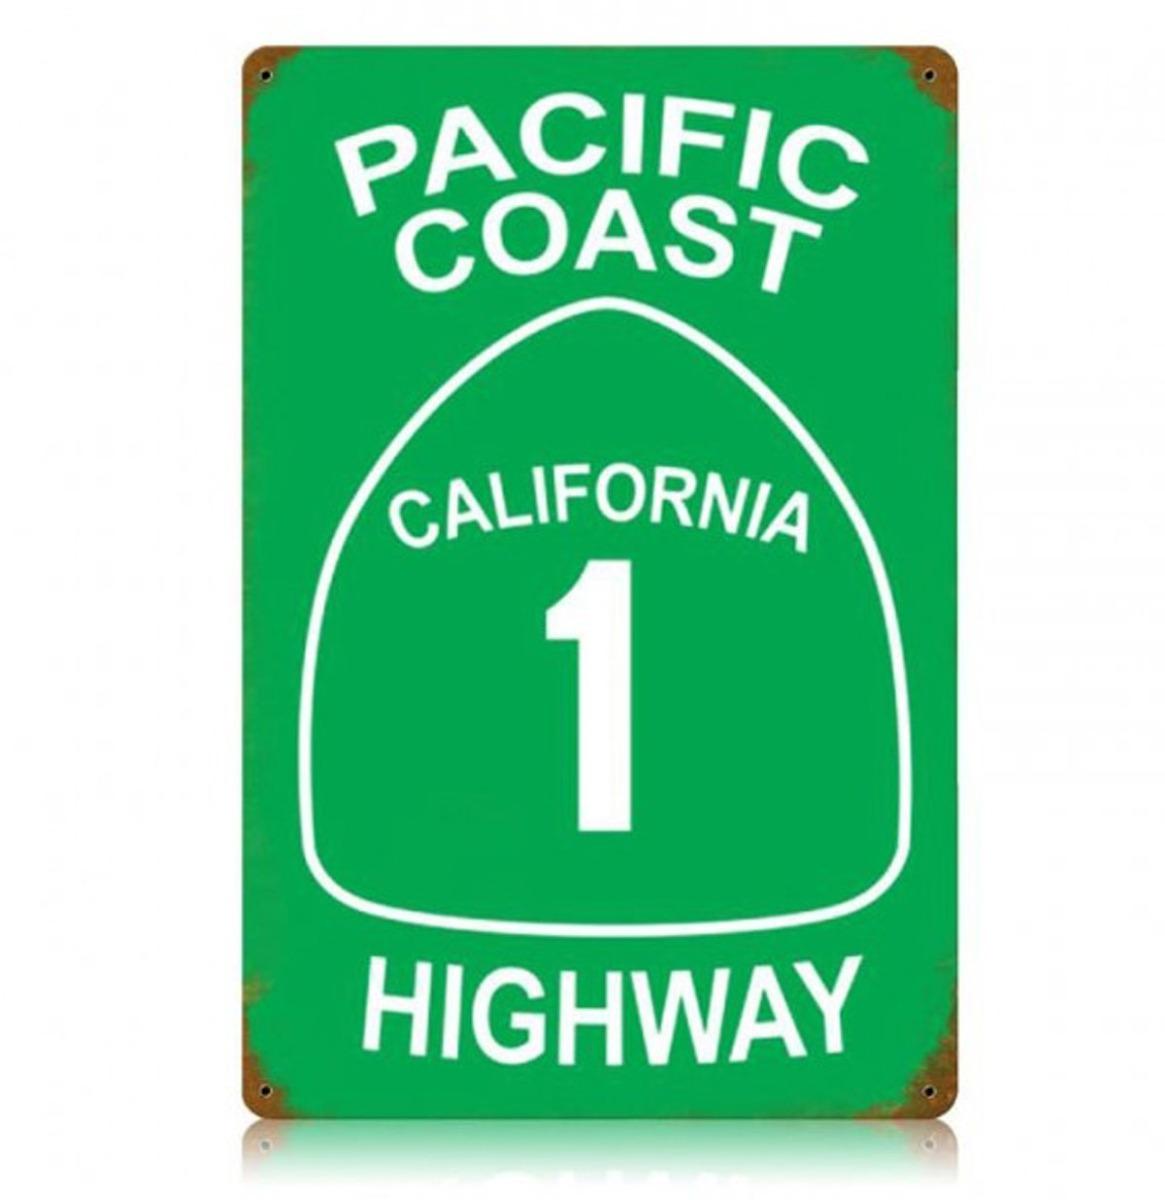 Pacific Coast California 1 Highway Zwaar Metalen Bord 45 x 30 cm